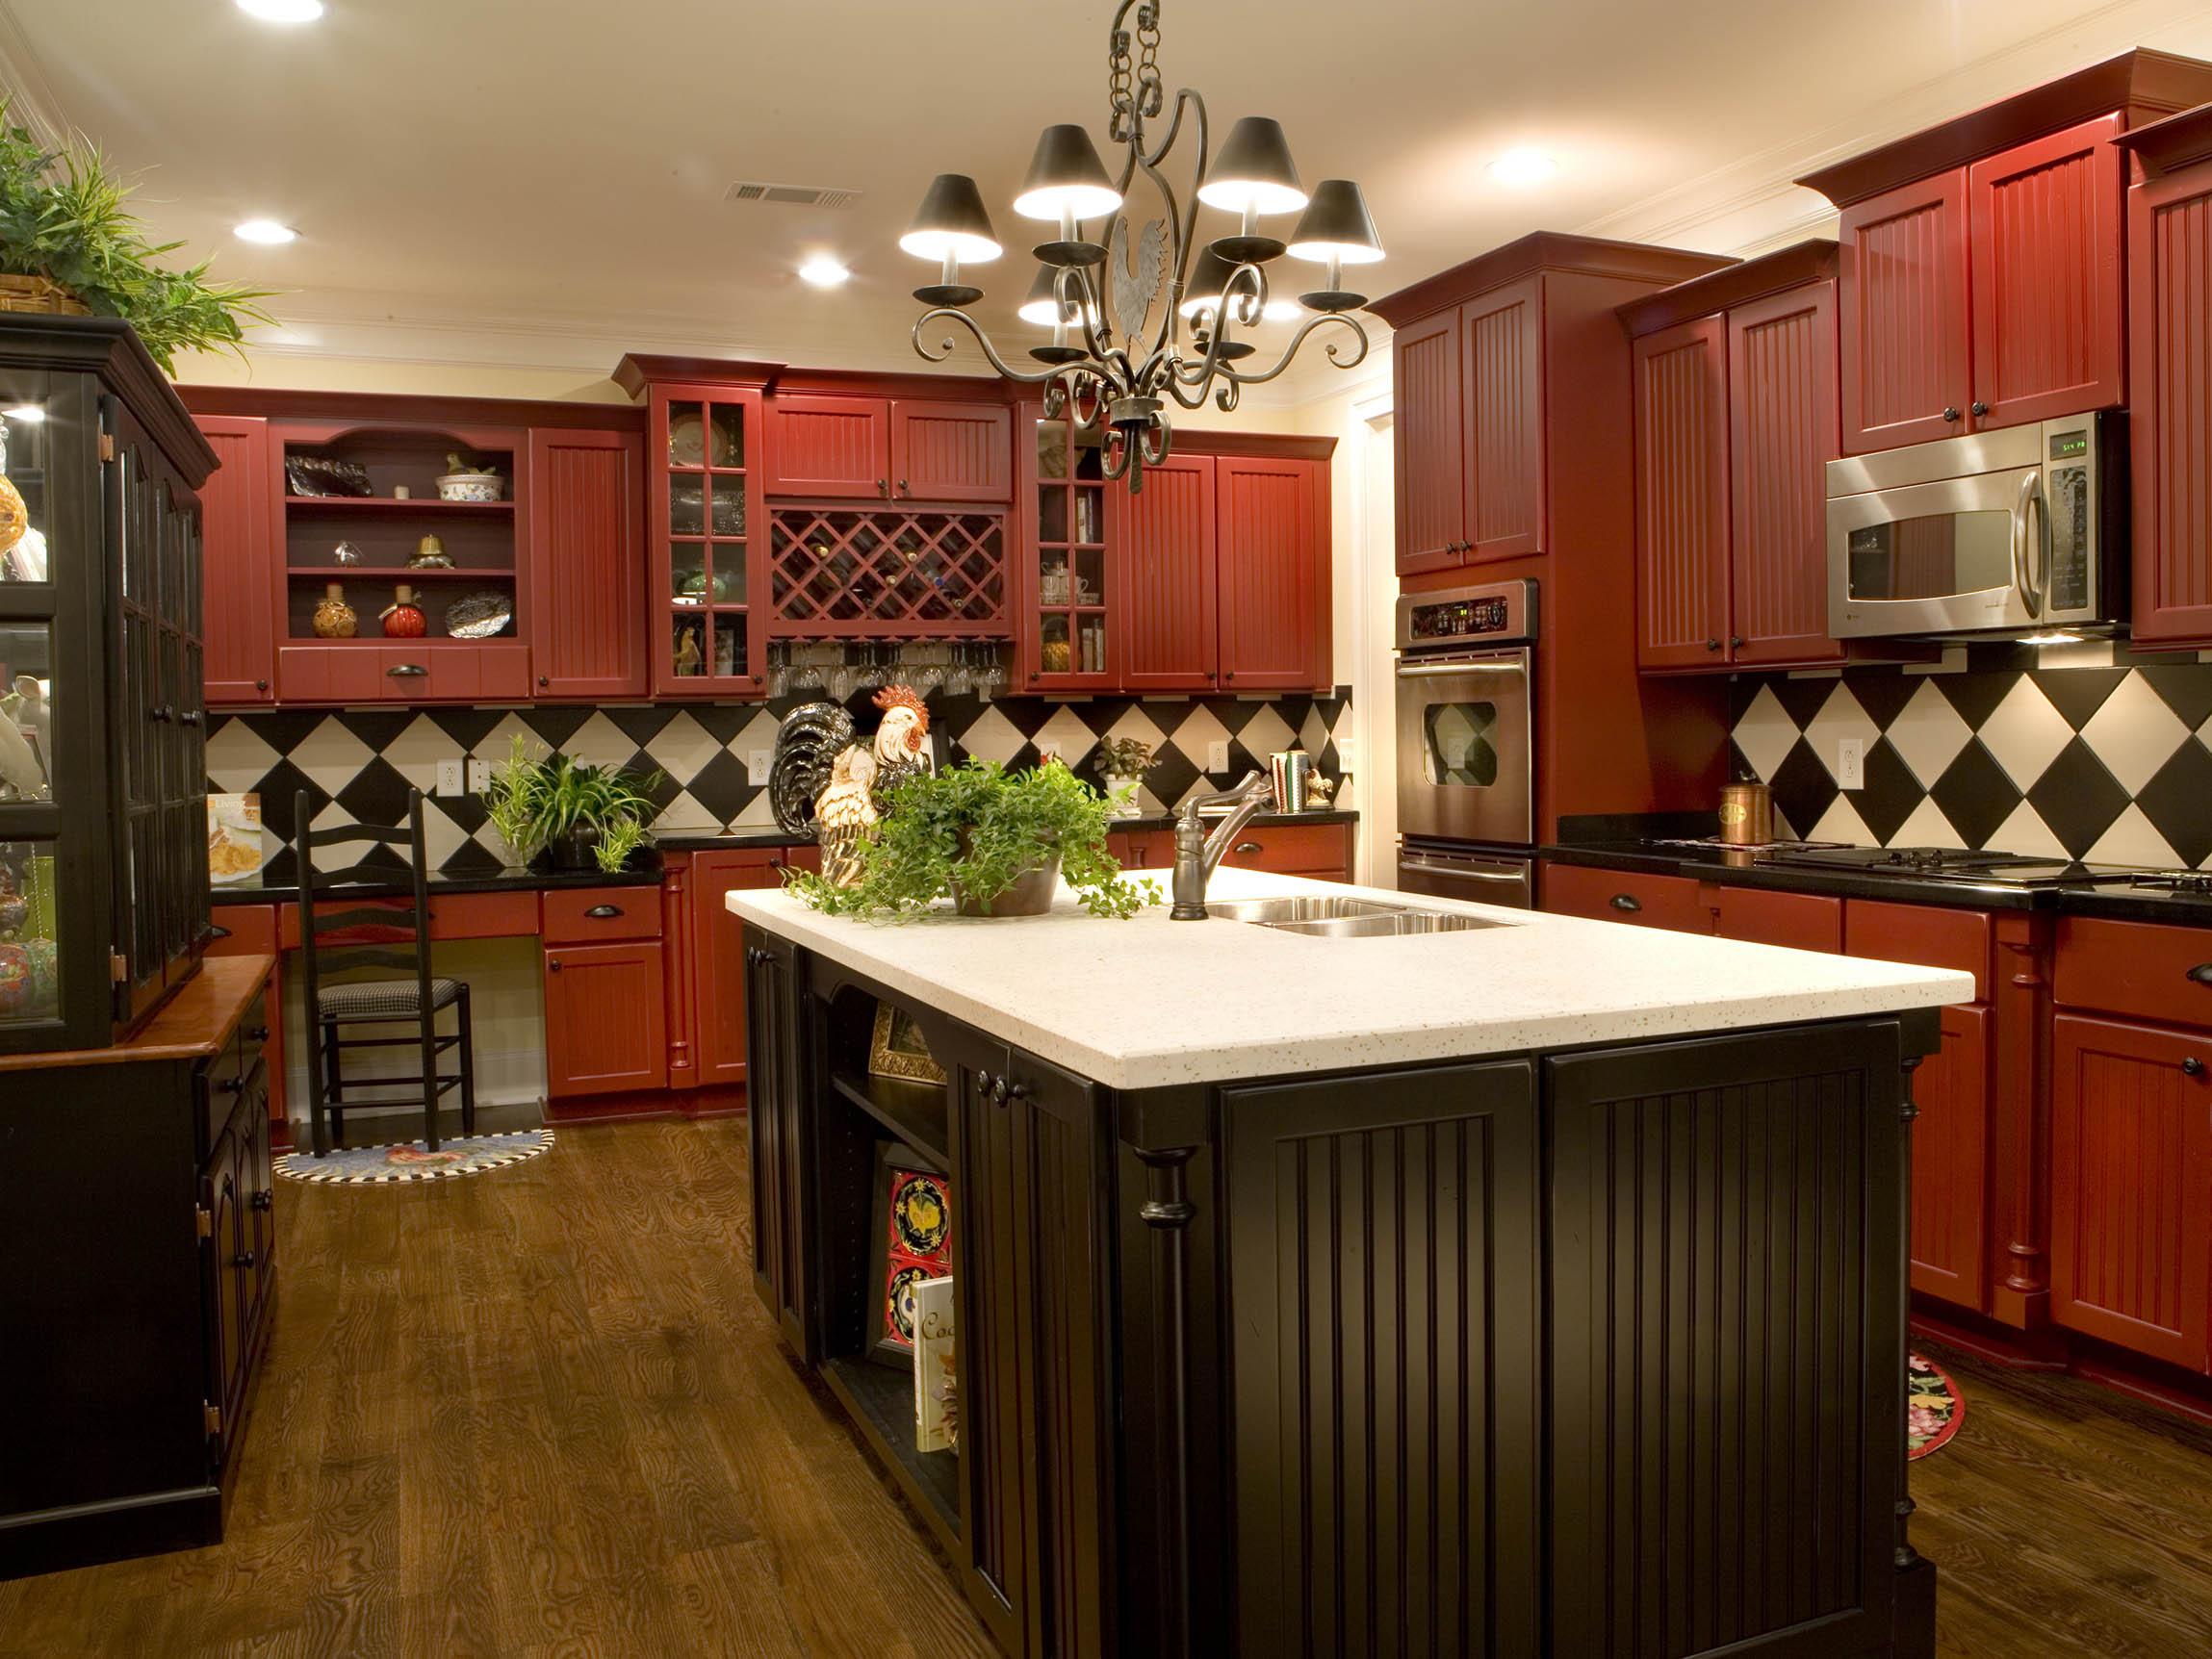 Brick Red On Maple Full Overlay Using Beaded Century Panel Door Kitchen Cabinets Tiles Nj Art Of Kitchen Tile